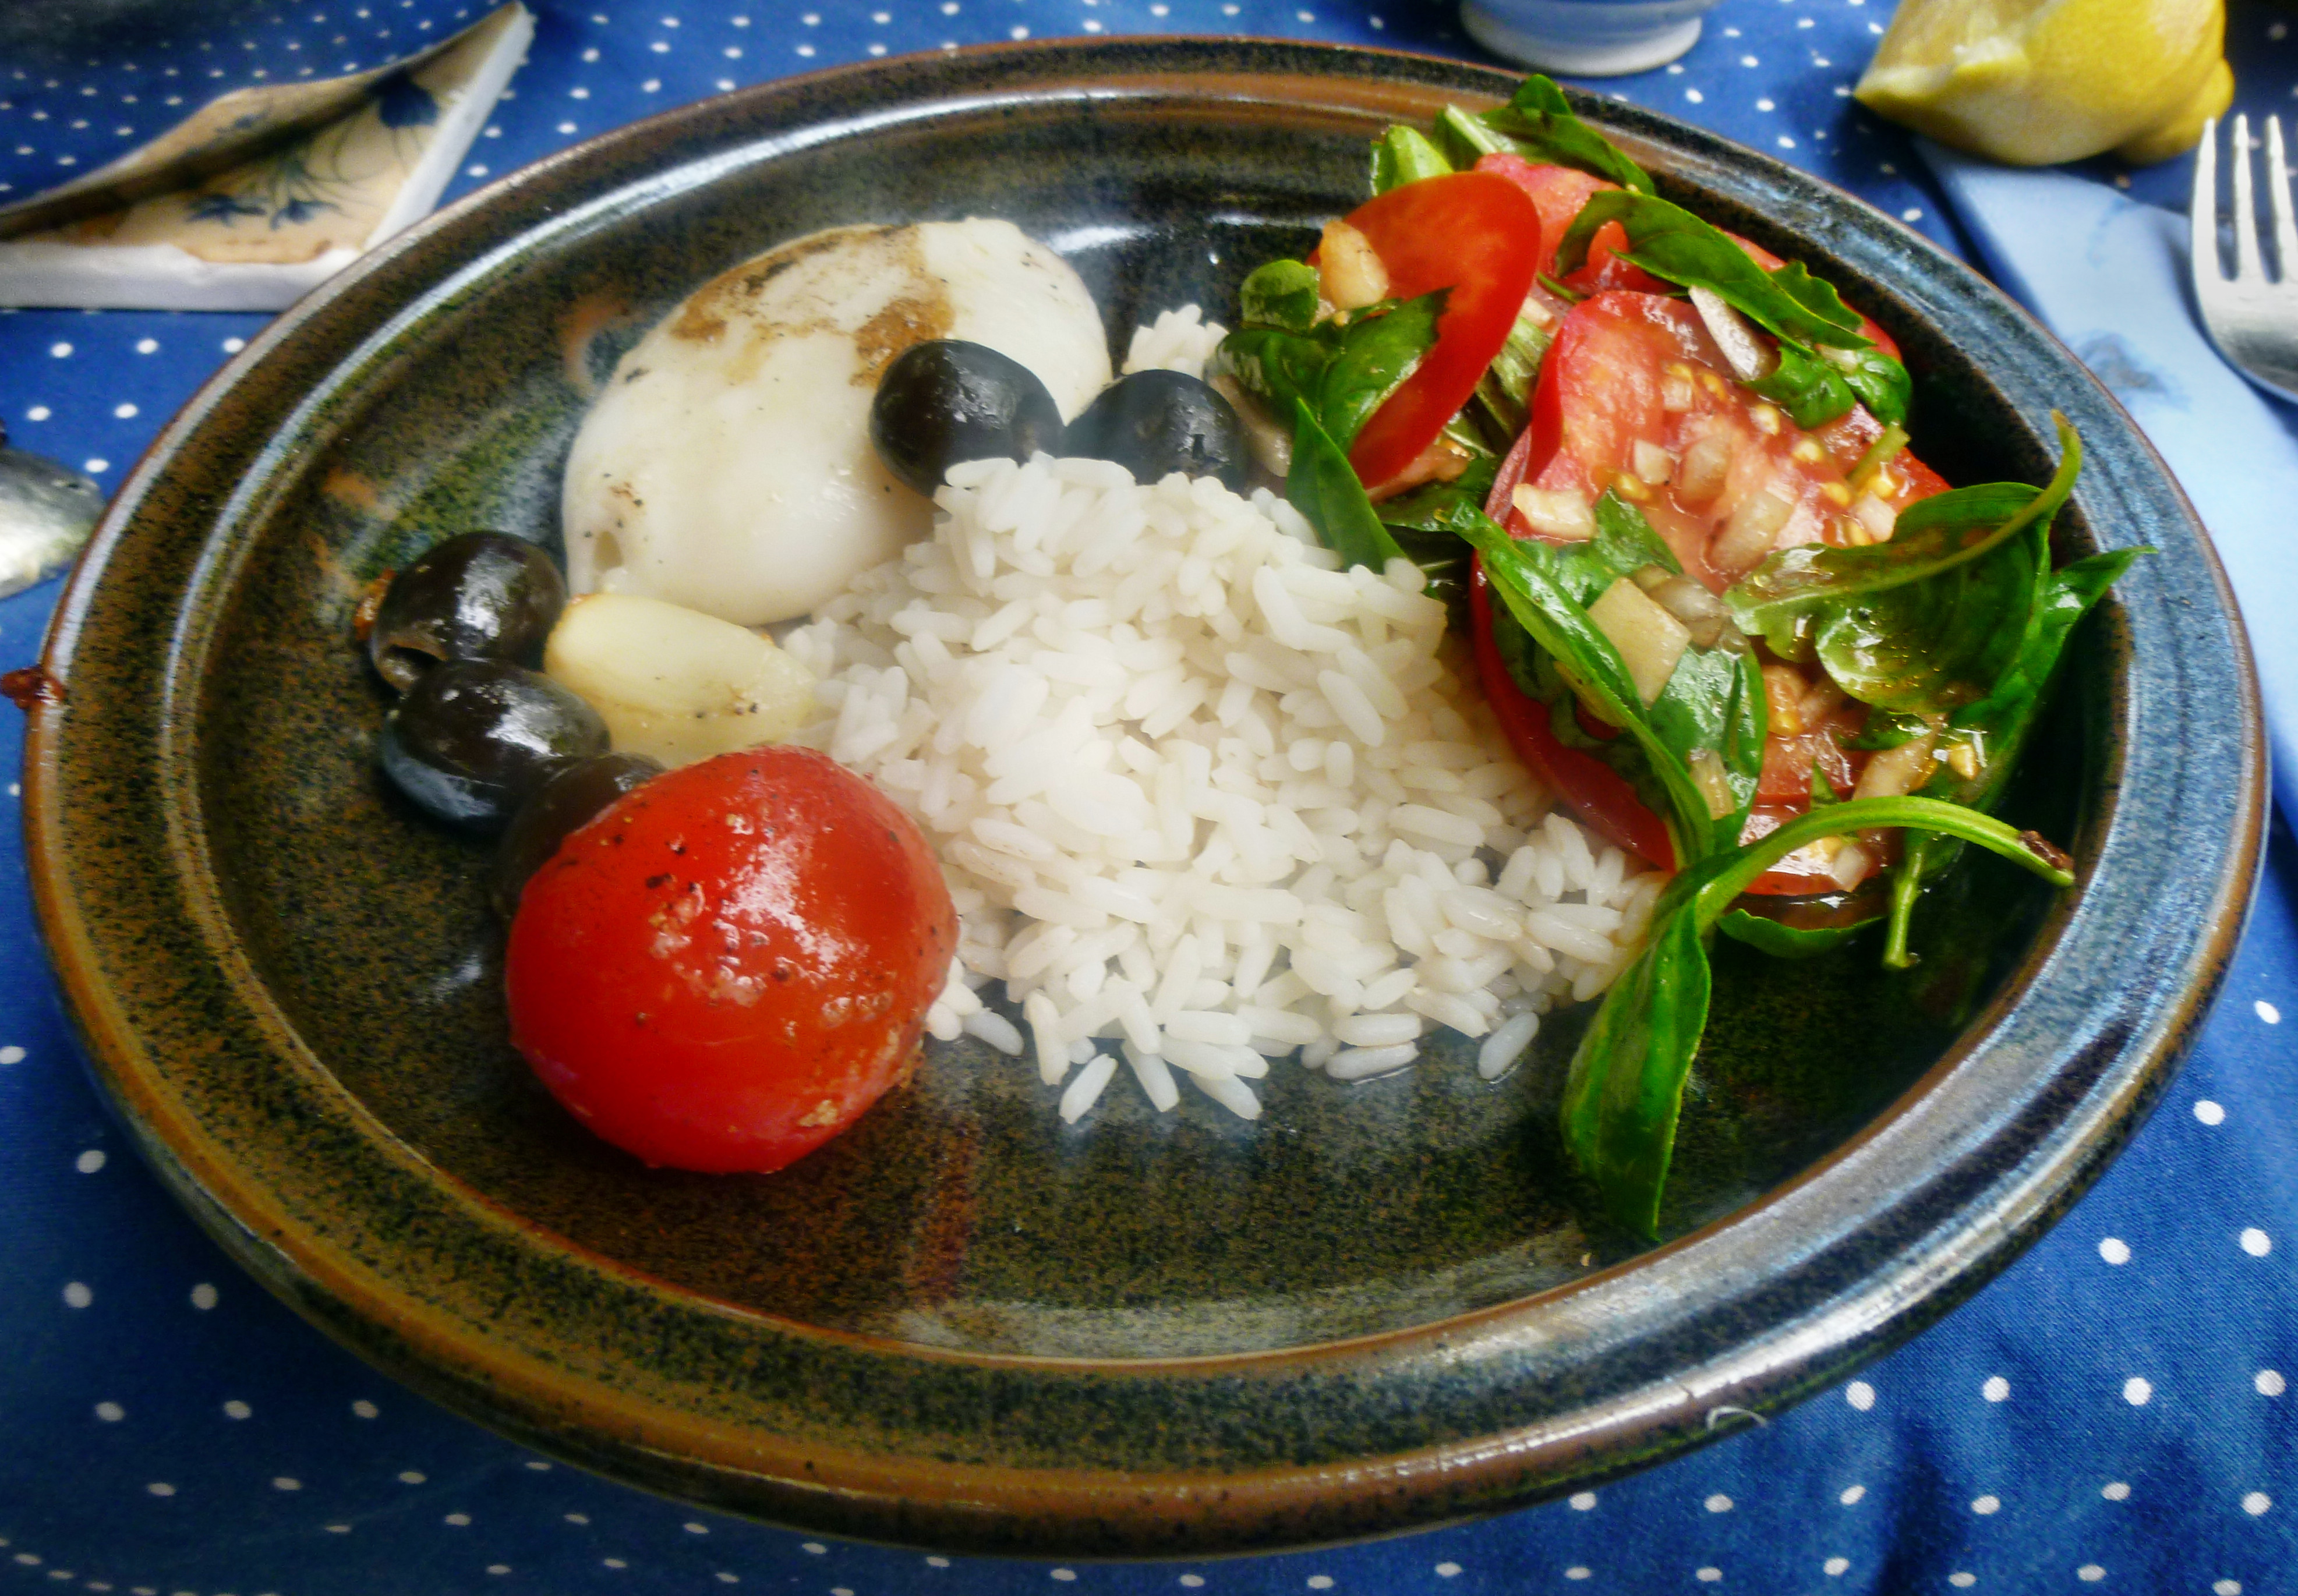 Tintenfisch Tuben,Reis,Tomatensalat,Melone -18.7.15   (12)